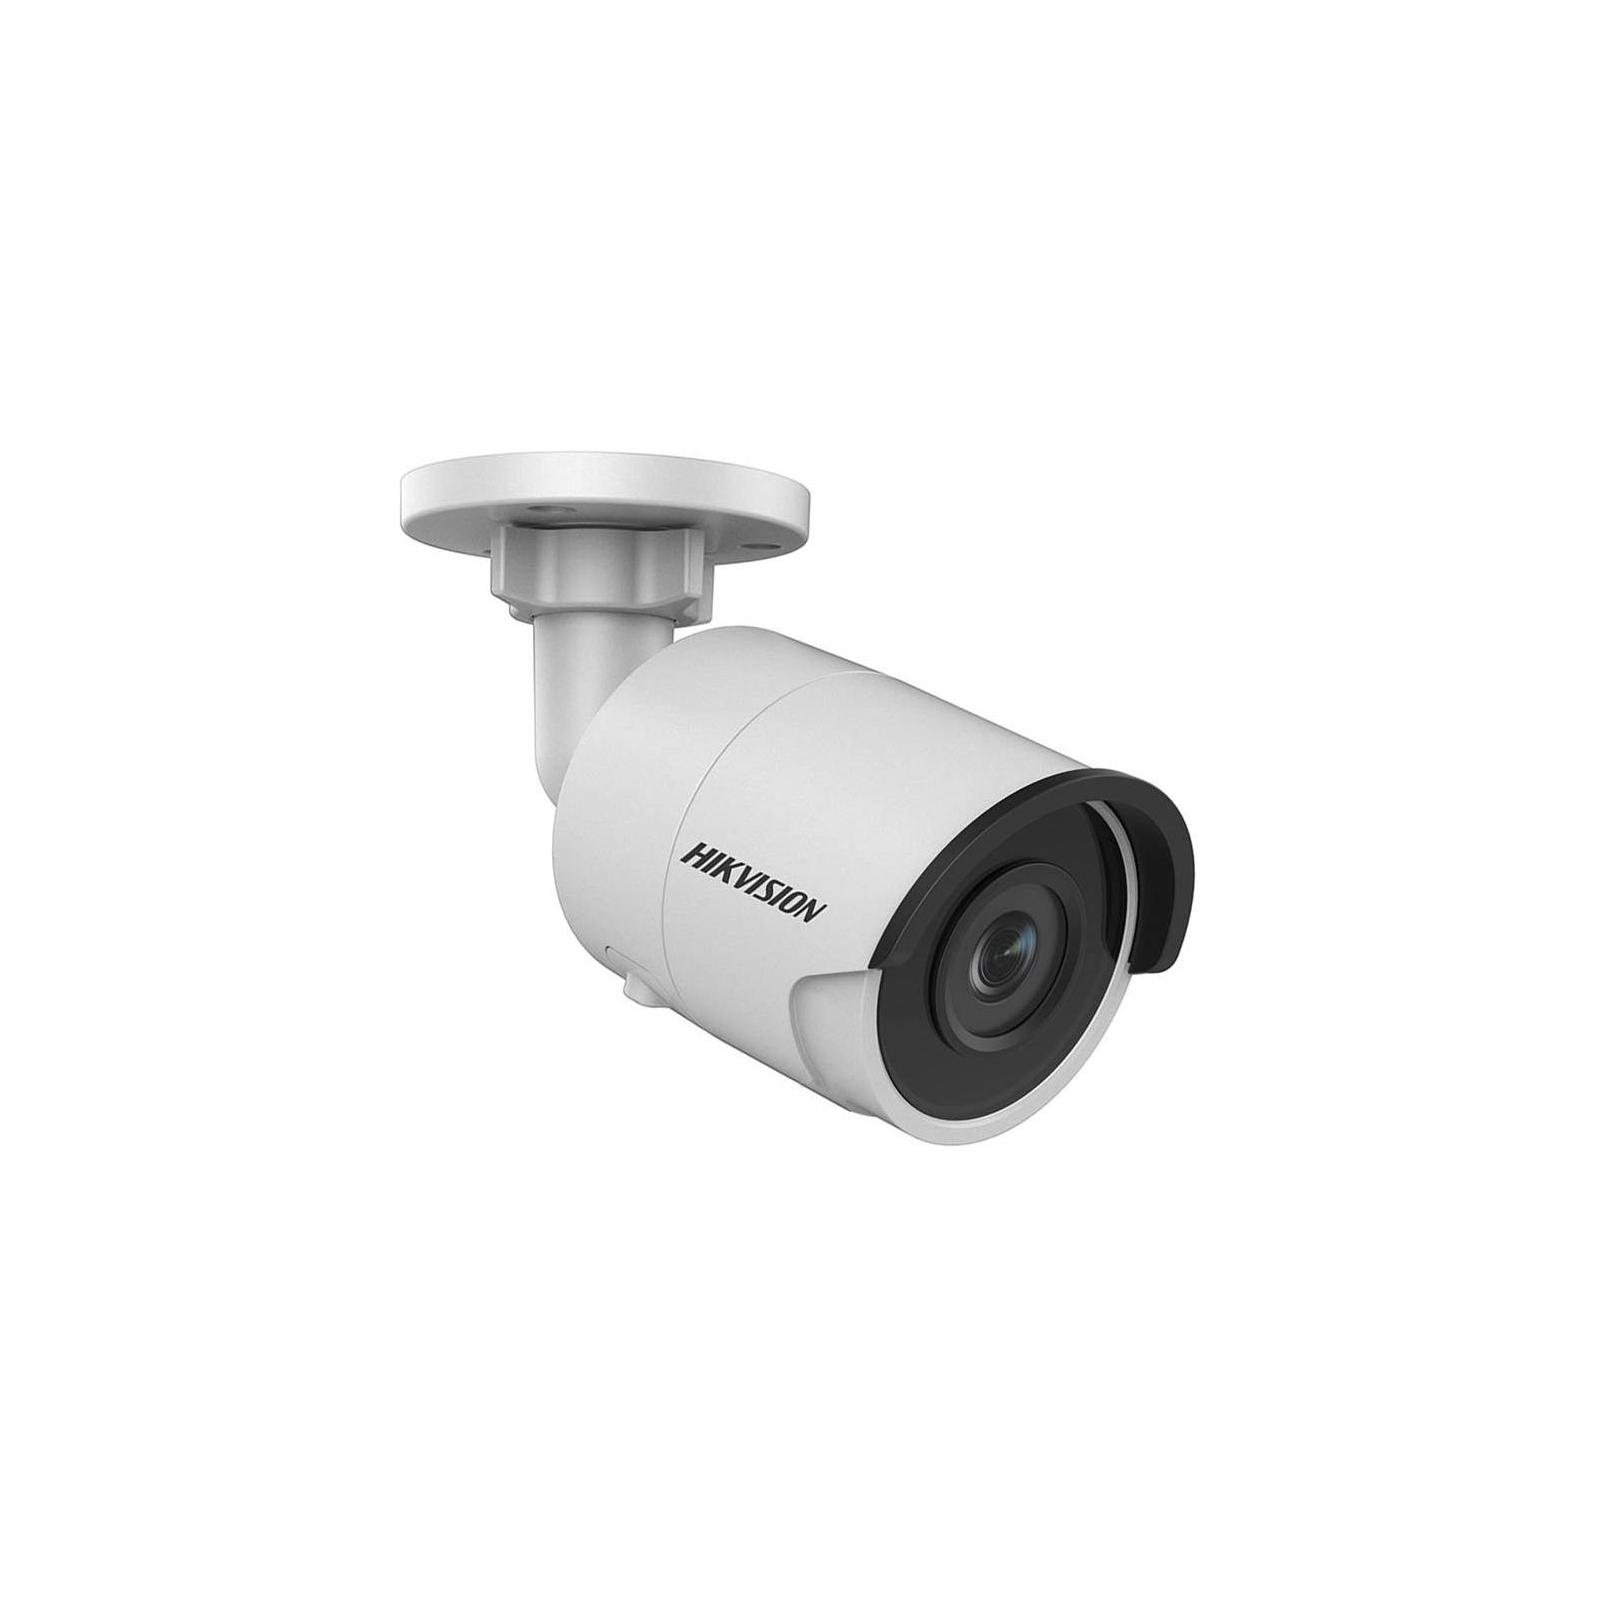 Камера видеонаблюдения HikVision DS-2CD2083G0-I (4.0) изображение 2